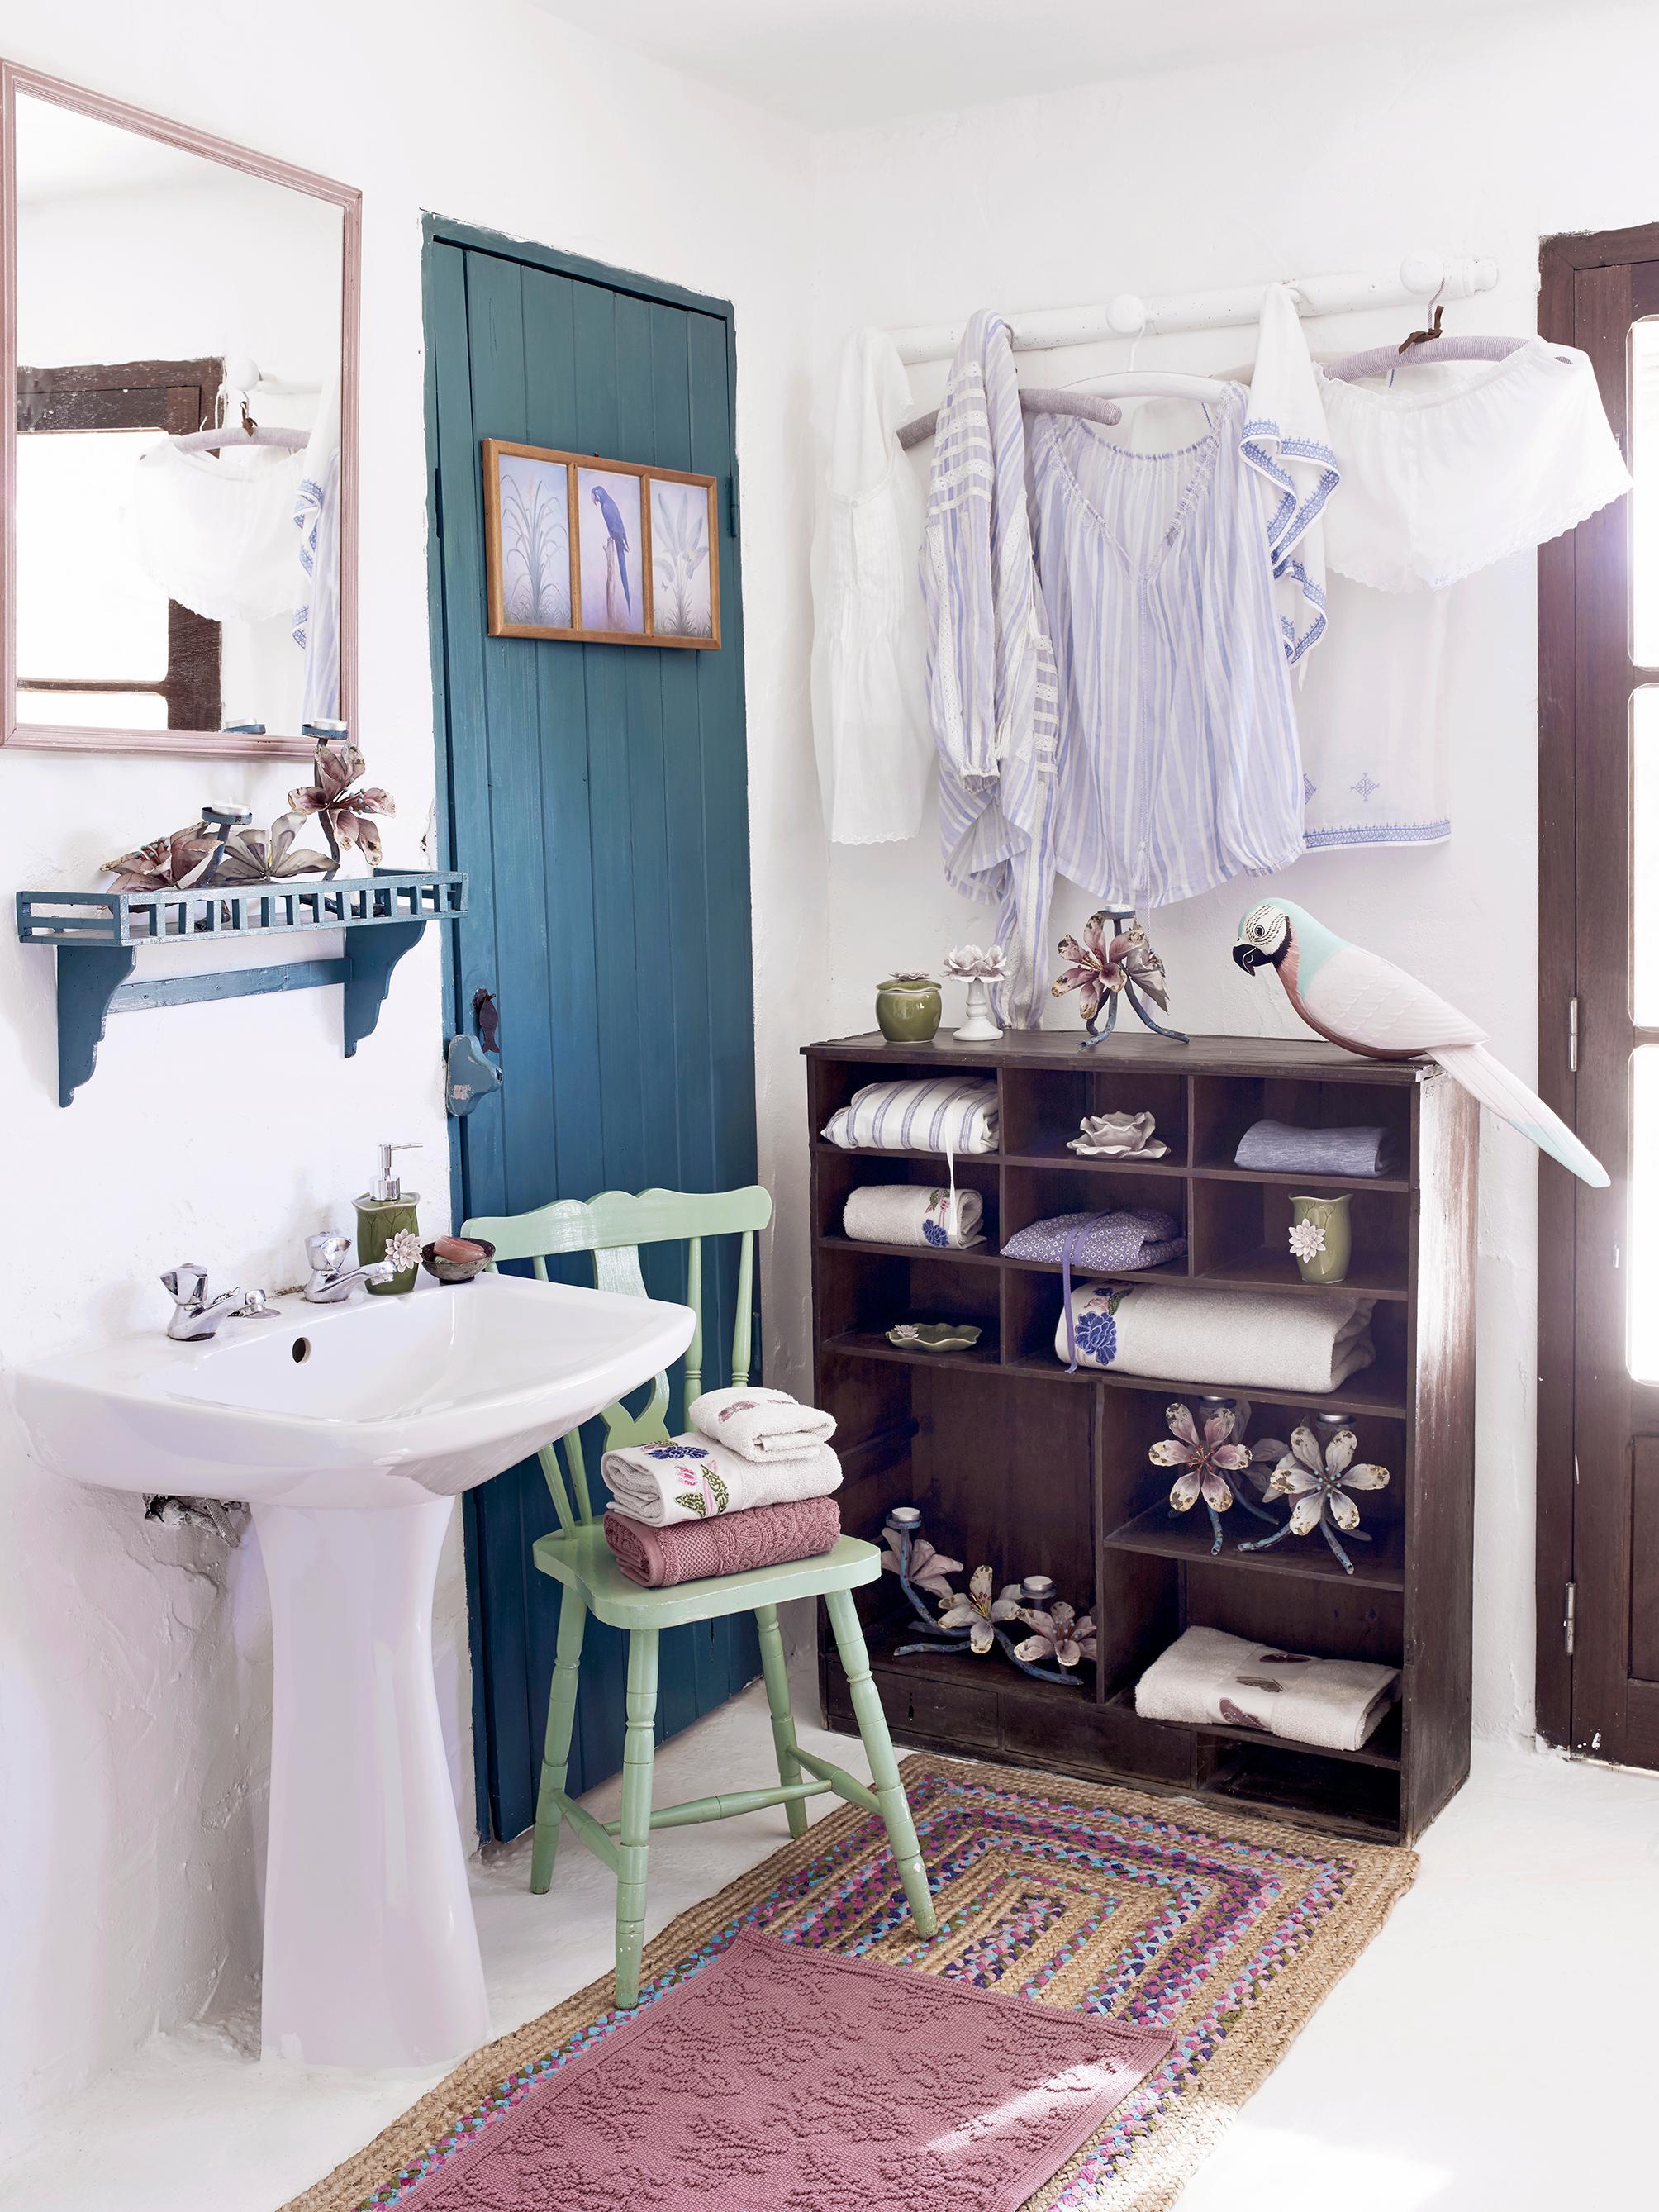 Ordnung im Badezimmer schaffen #stuhl #teppich #spie...